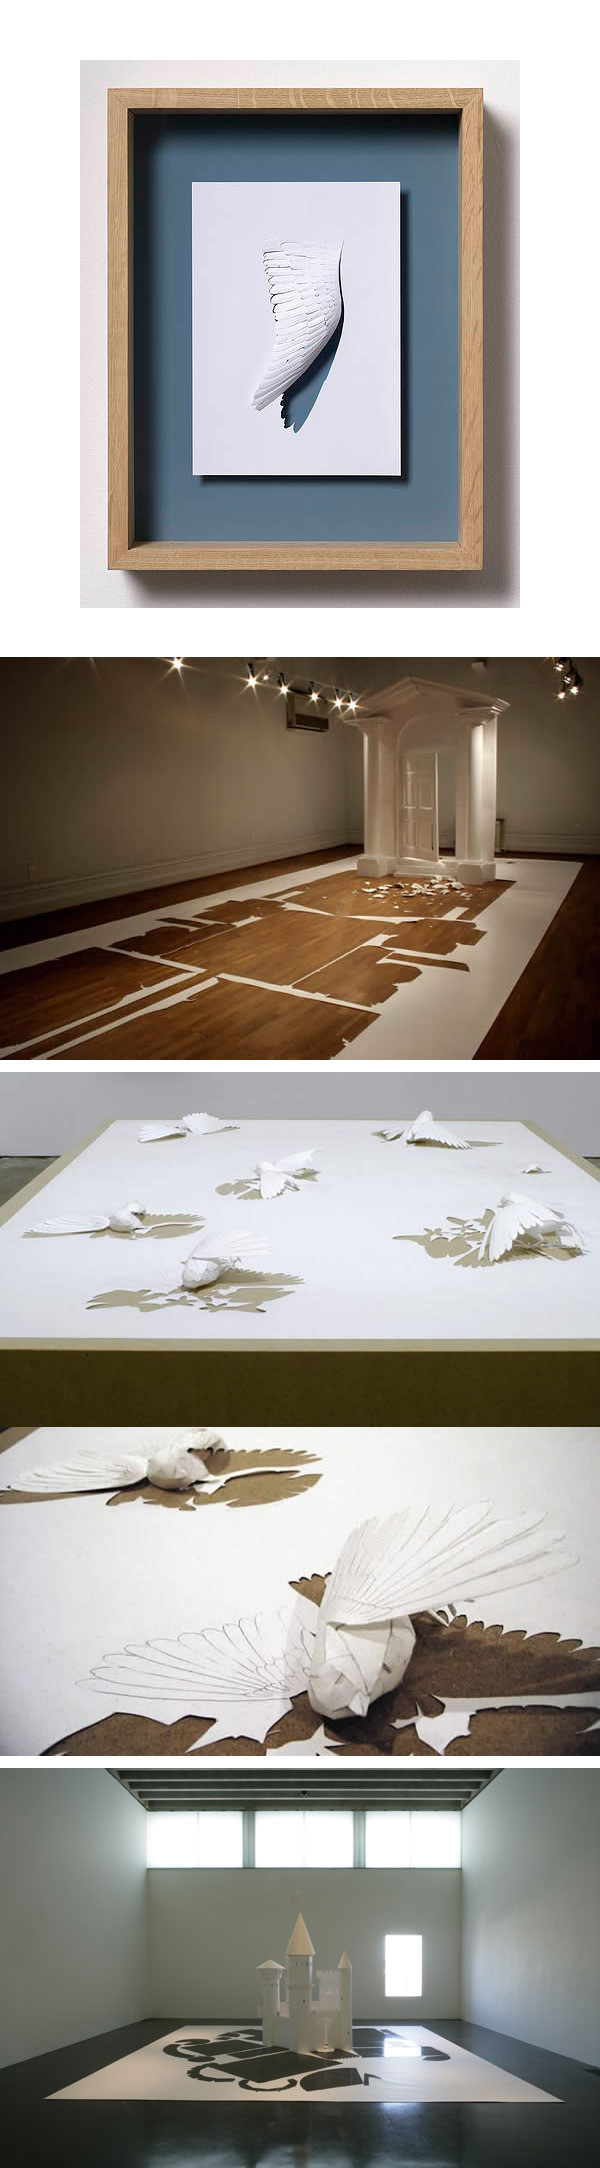 Peter Callesen's amazing works